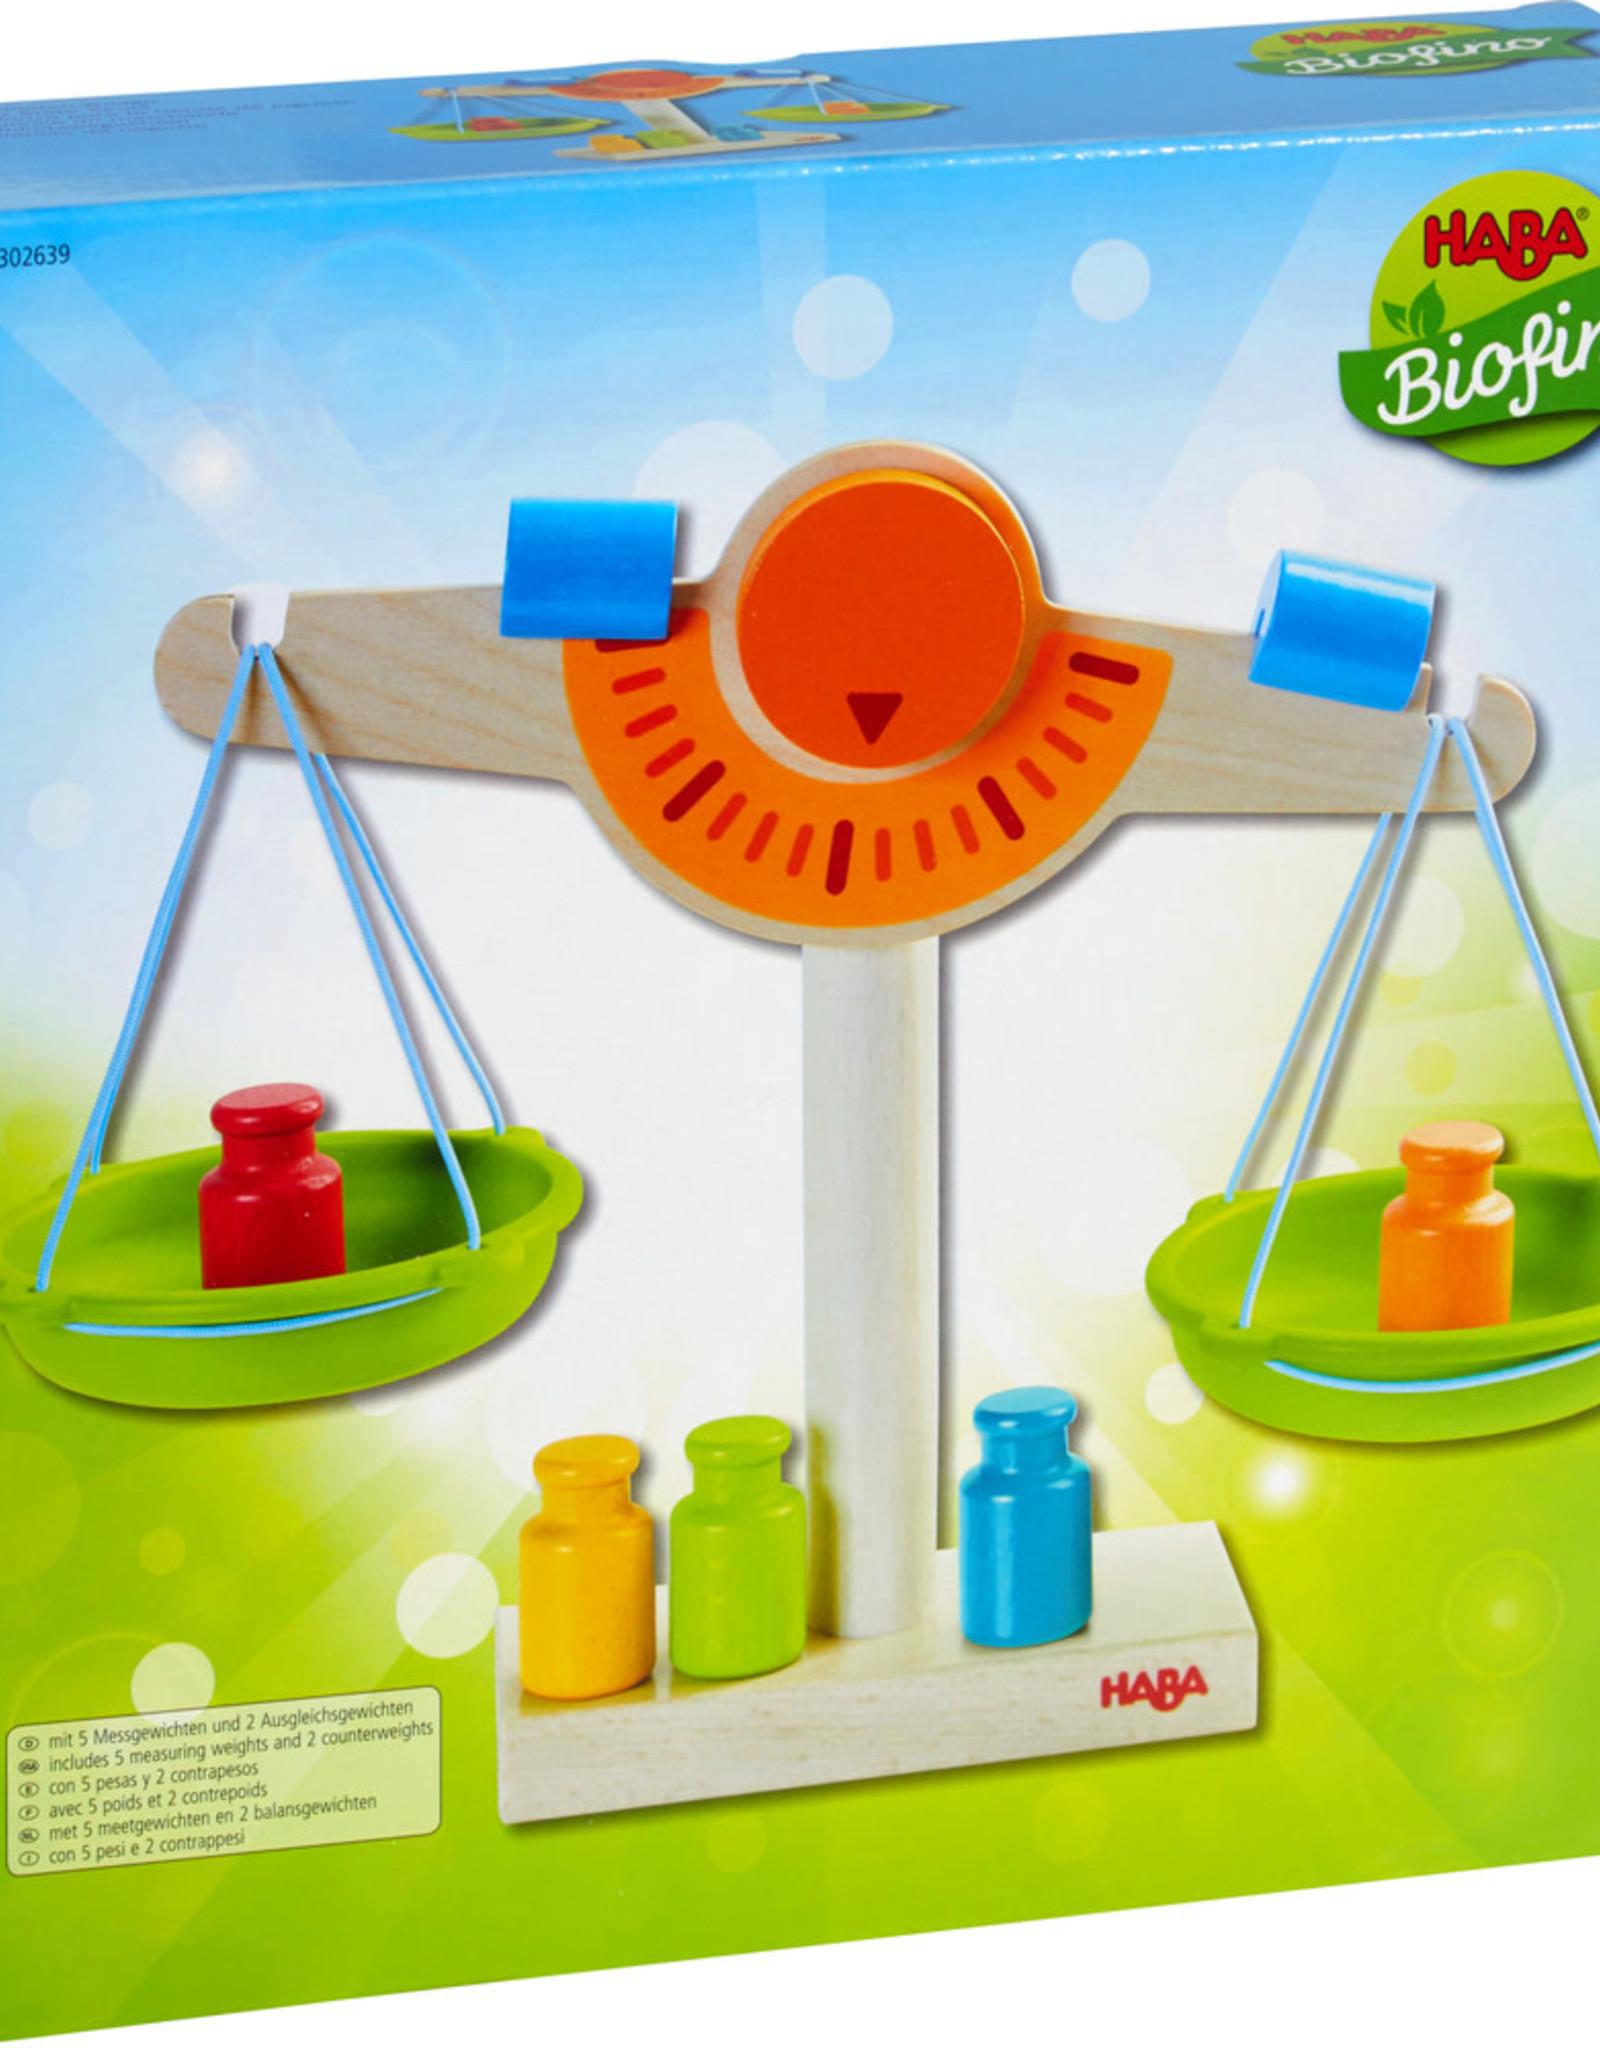 HABA Weegschaal Biofino